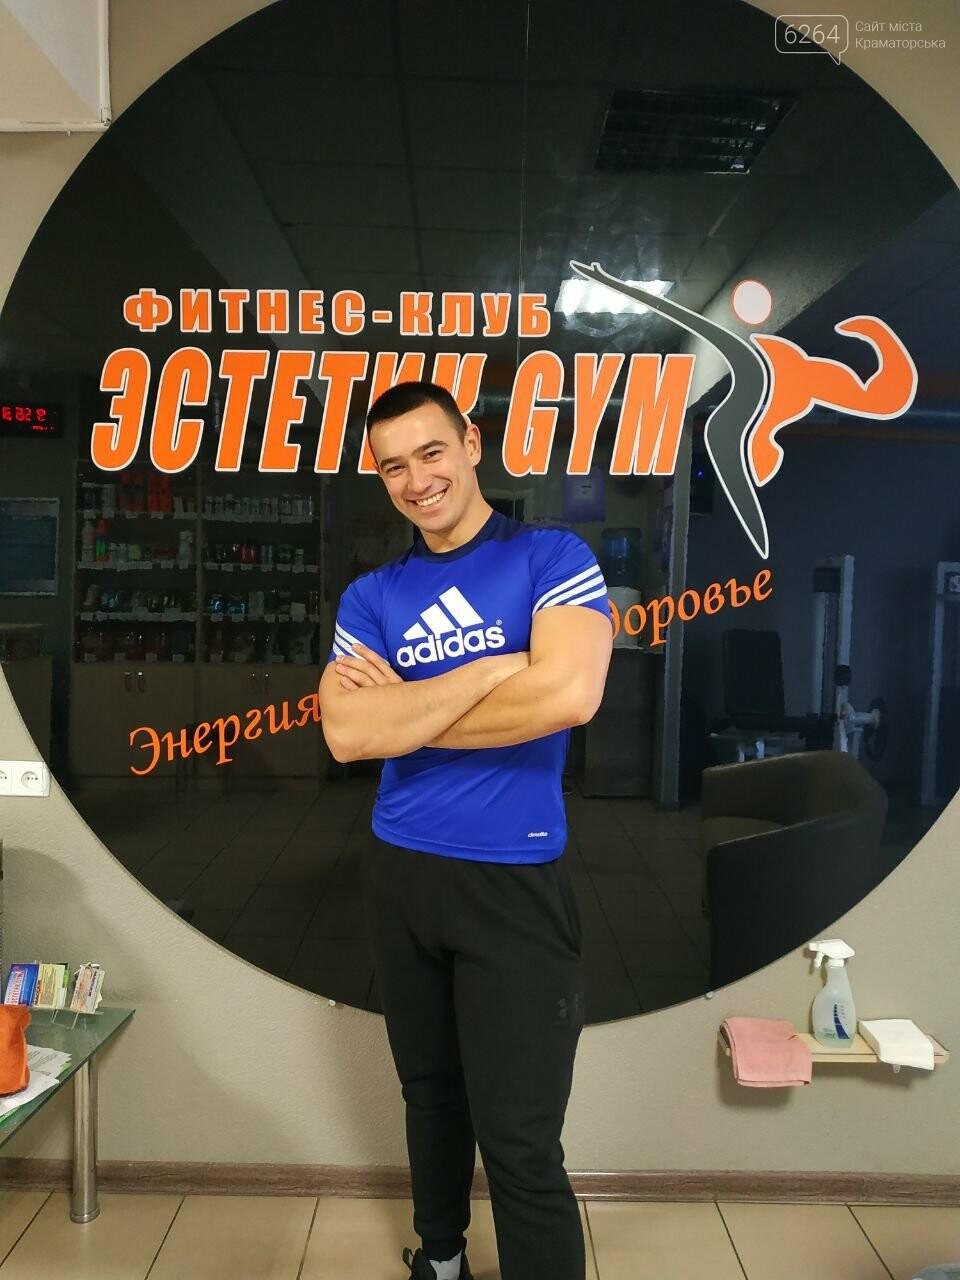 ЭСТЕТИК GYM - энергия твоего успеха: взгляни на фитнес по-новому, фото-3